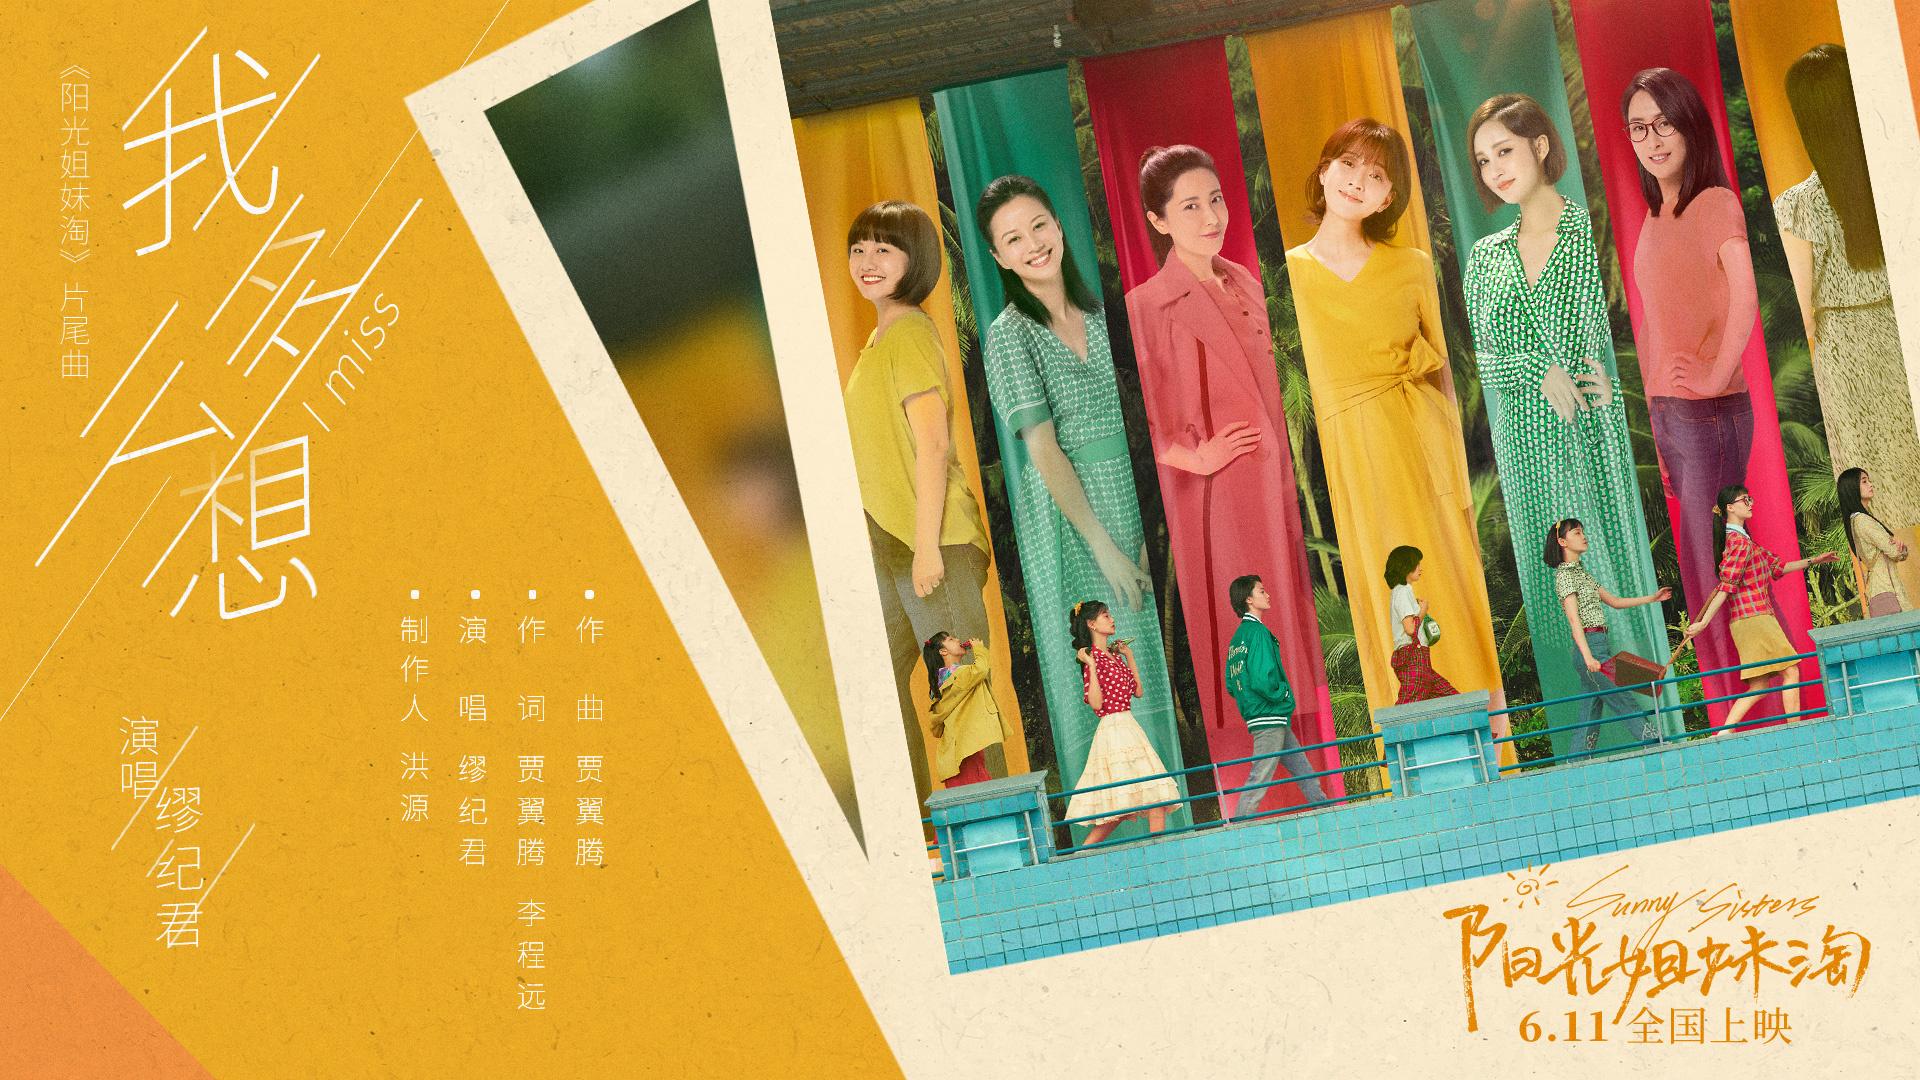 《阳光姐妹淘》发布片尾曲《我多么想》